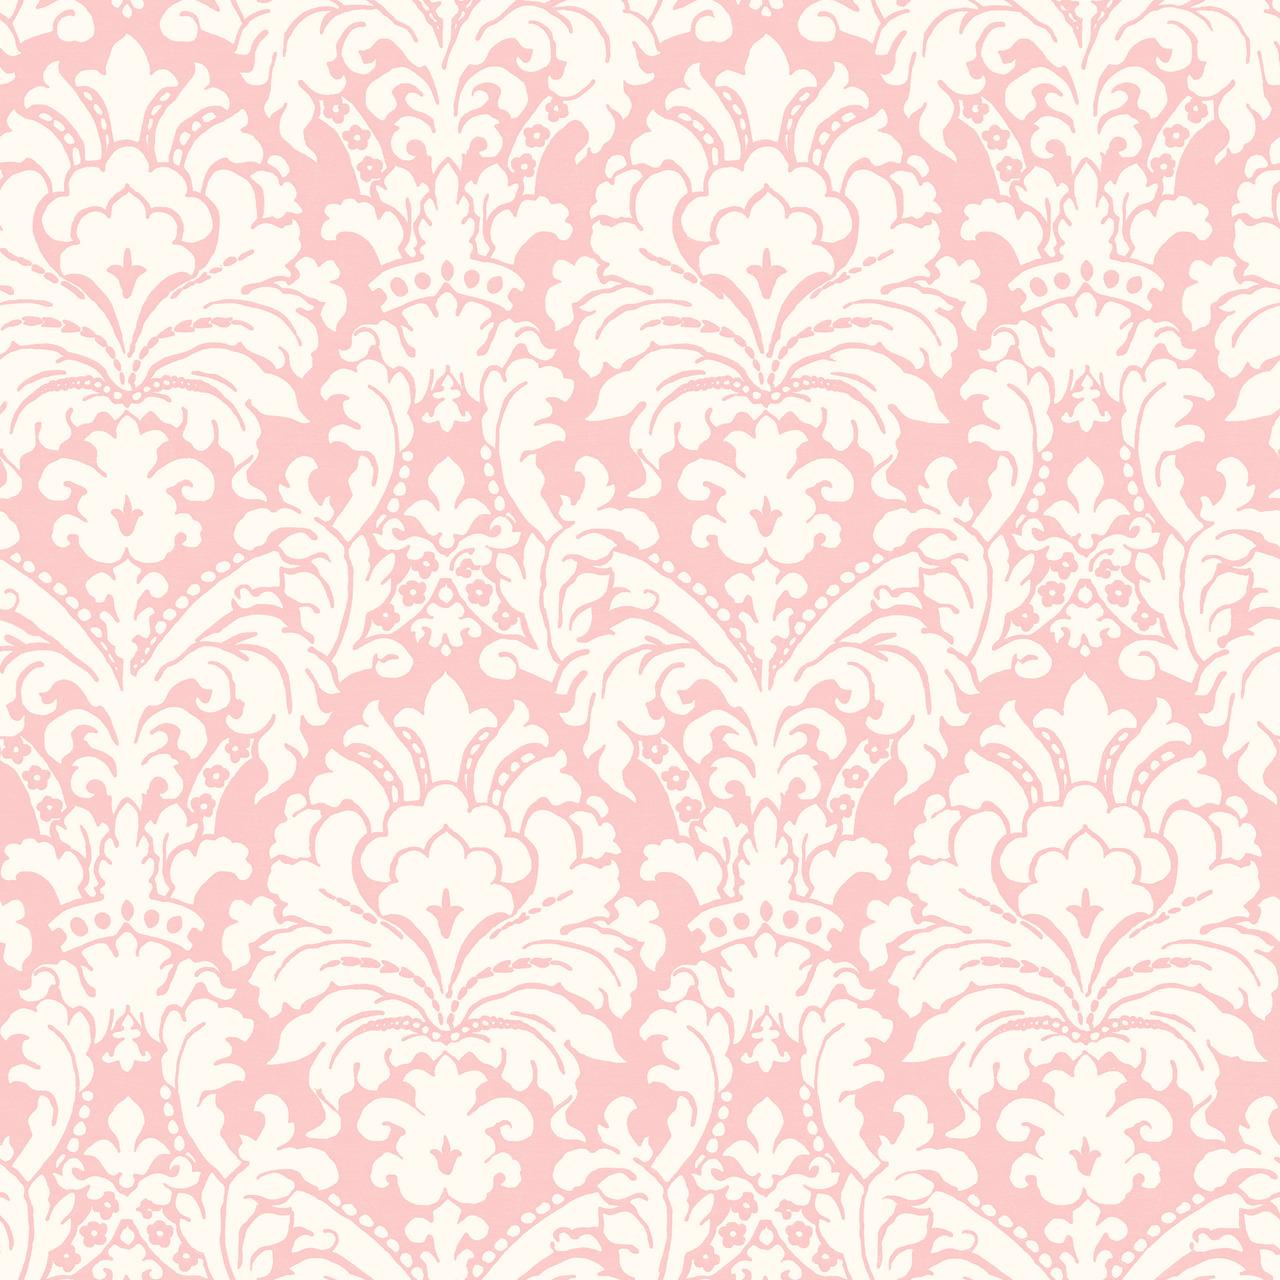 Pink Damask Wallpaper   Widescreen HD Wallpapers 1280x1280